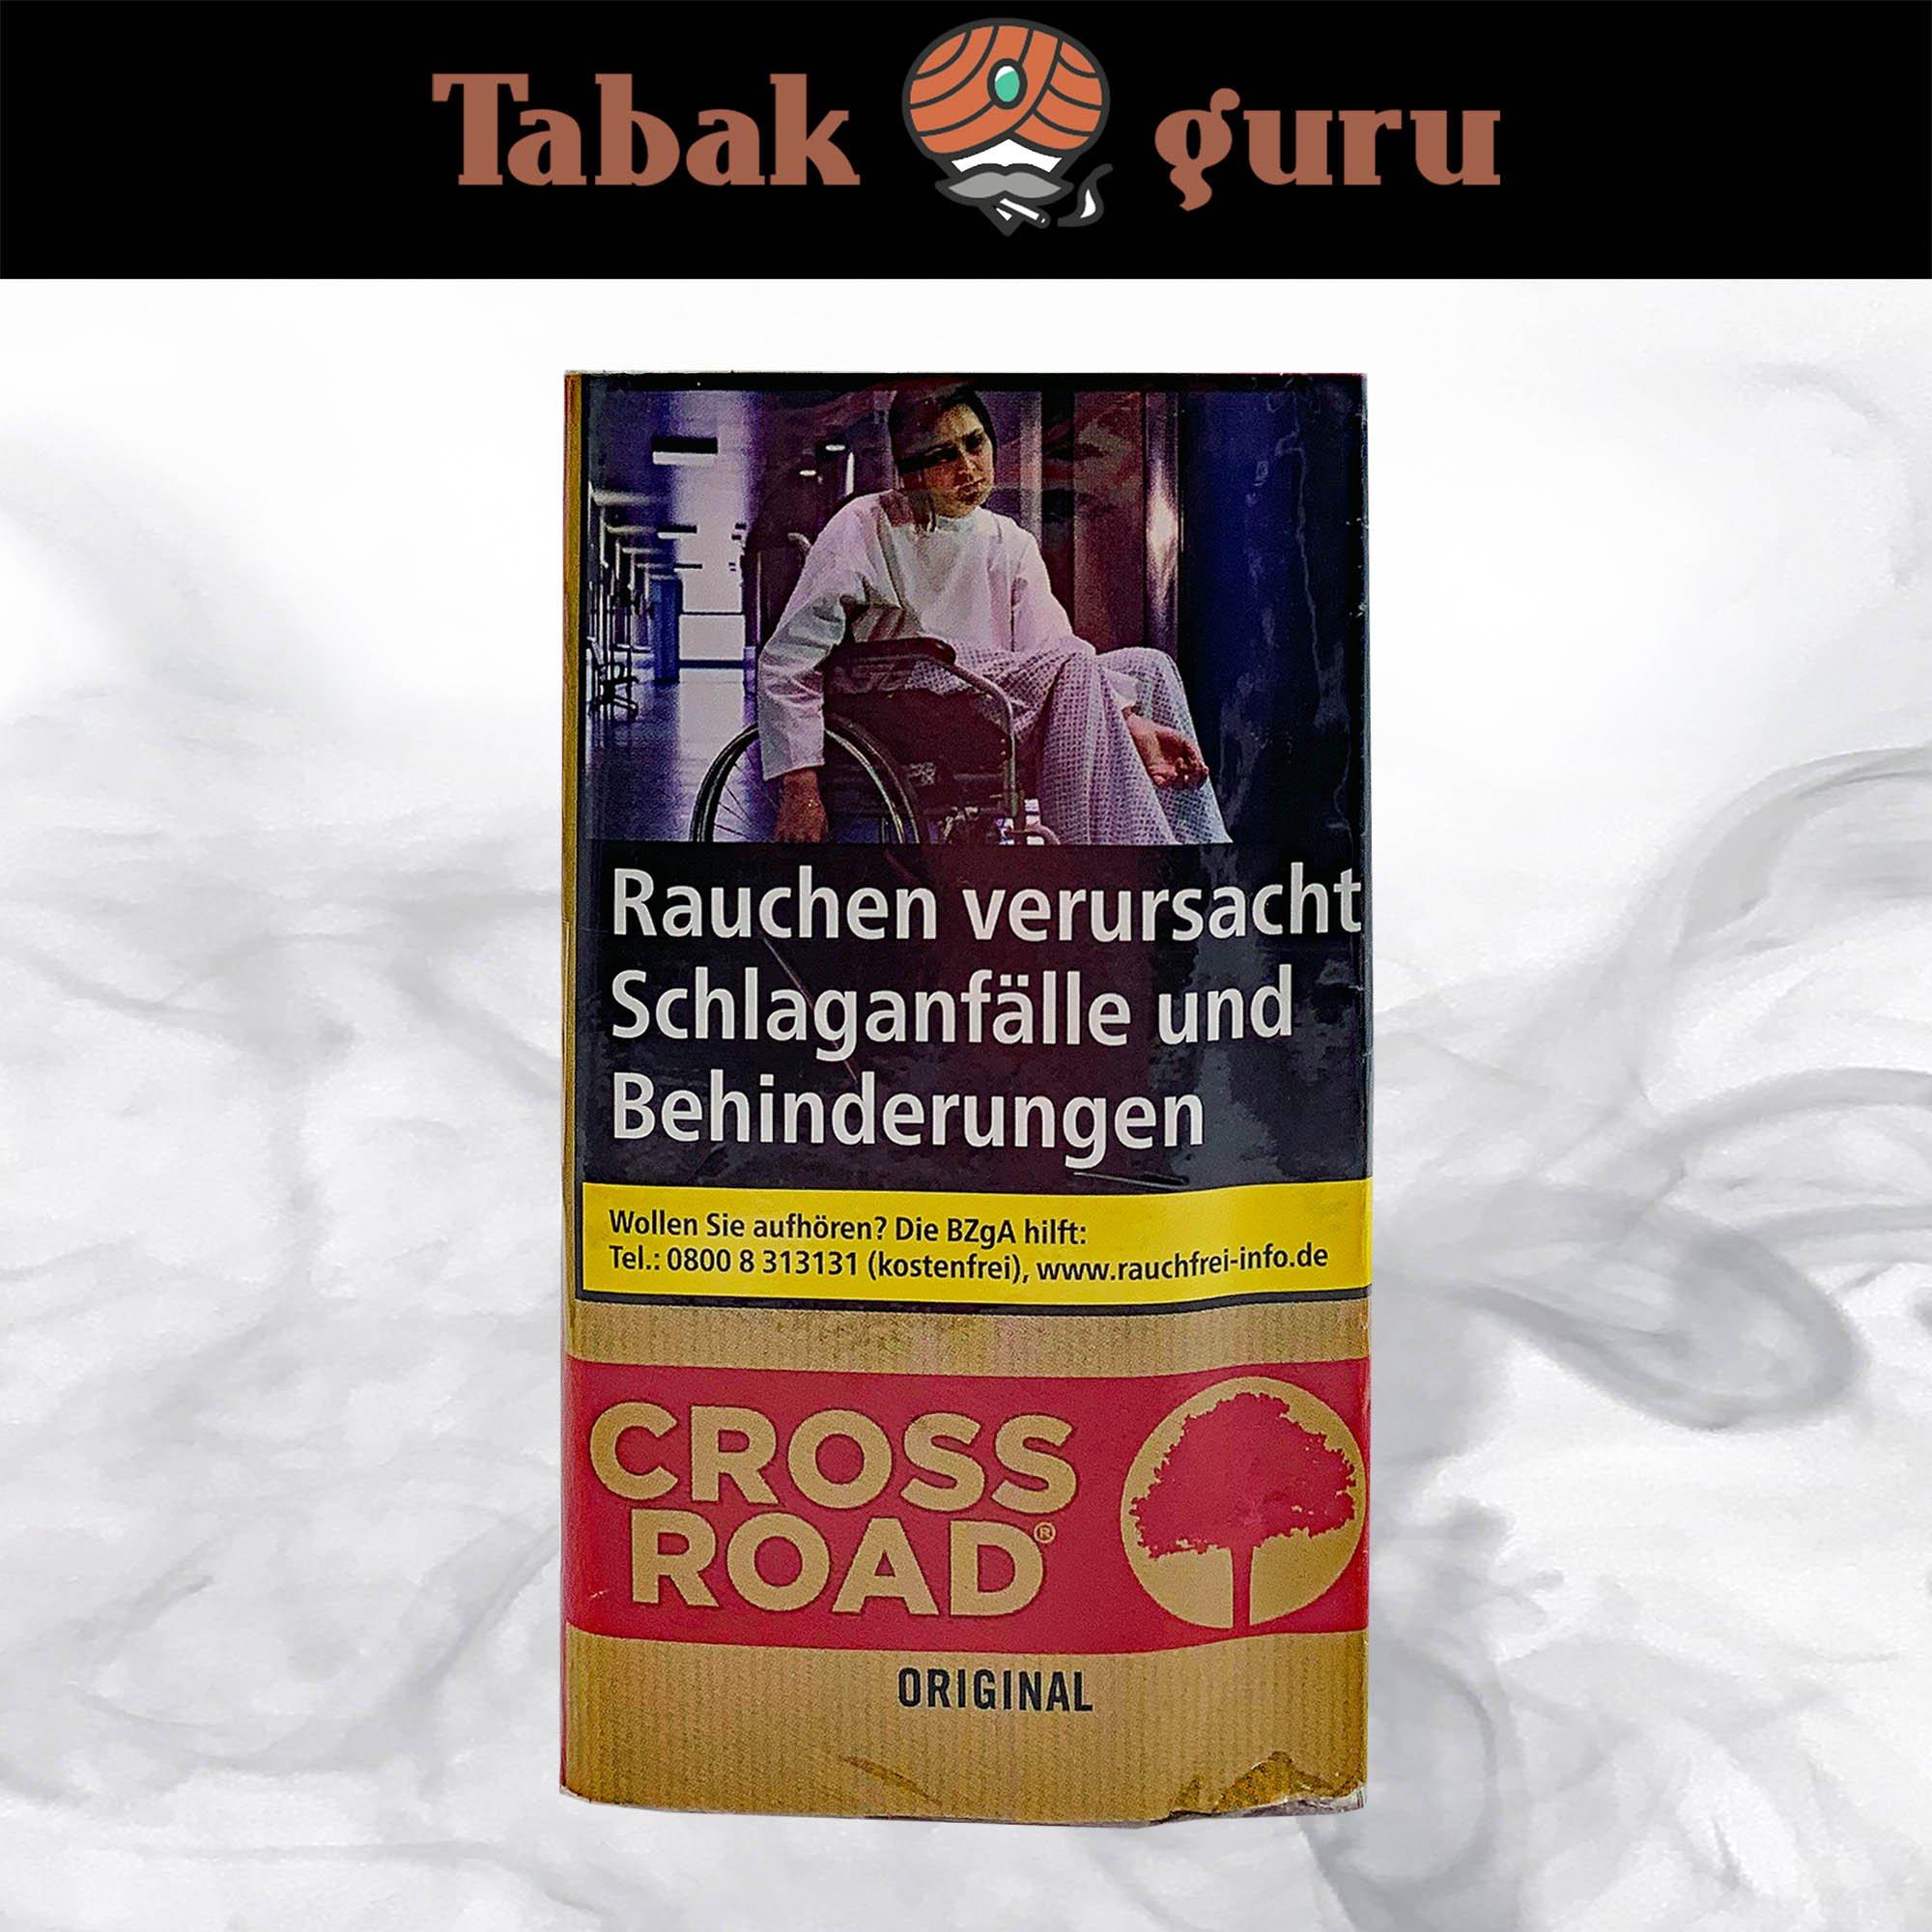 Crossroad Original / Red Drehtabak / Feinschnitt 30g Pouch